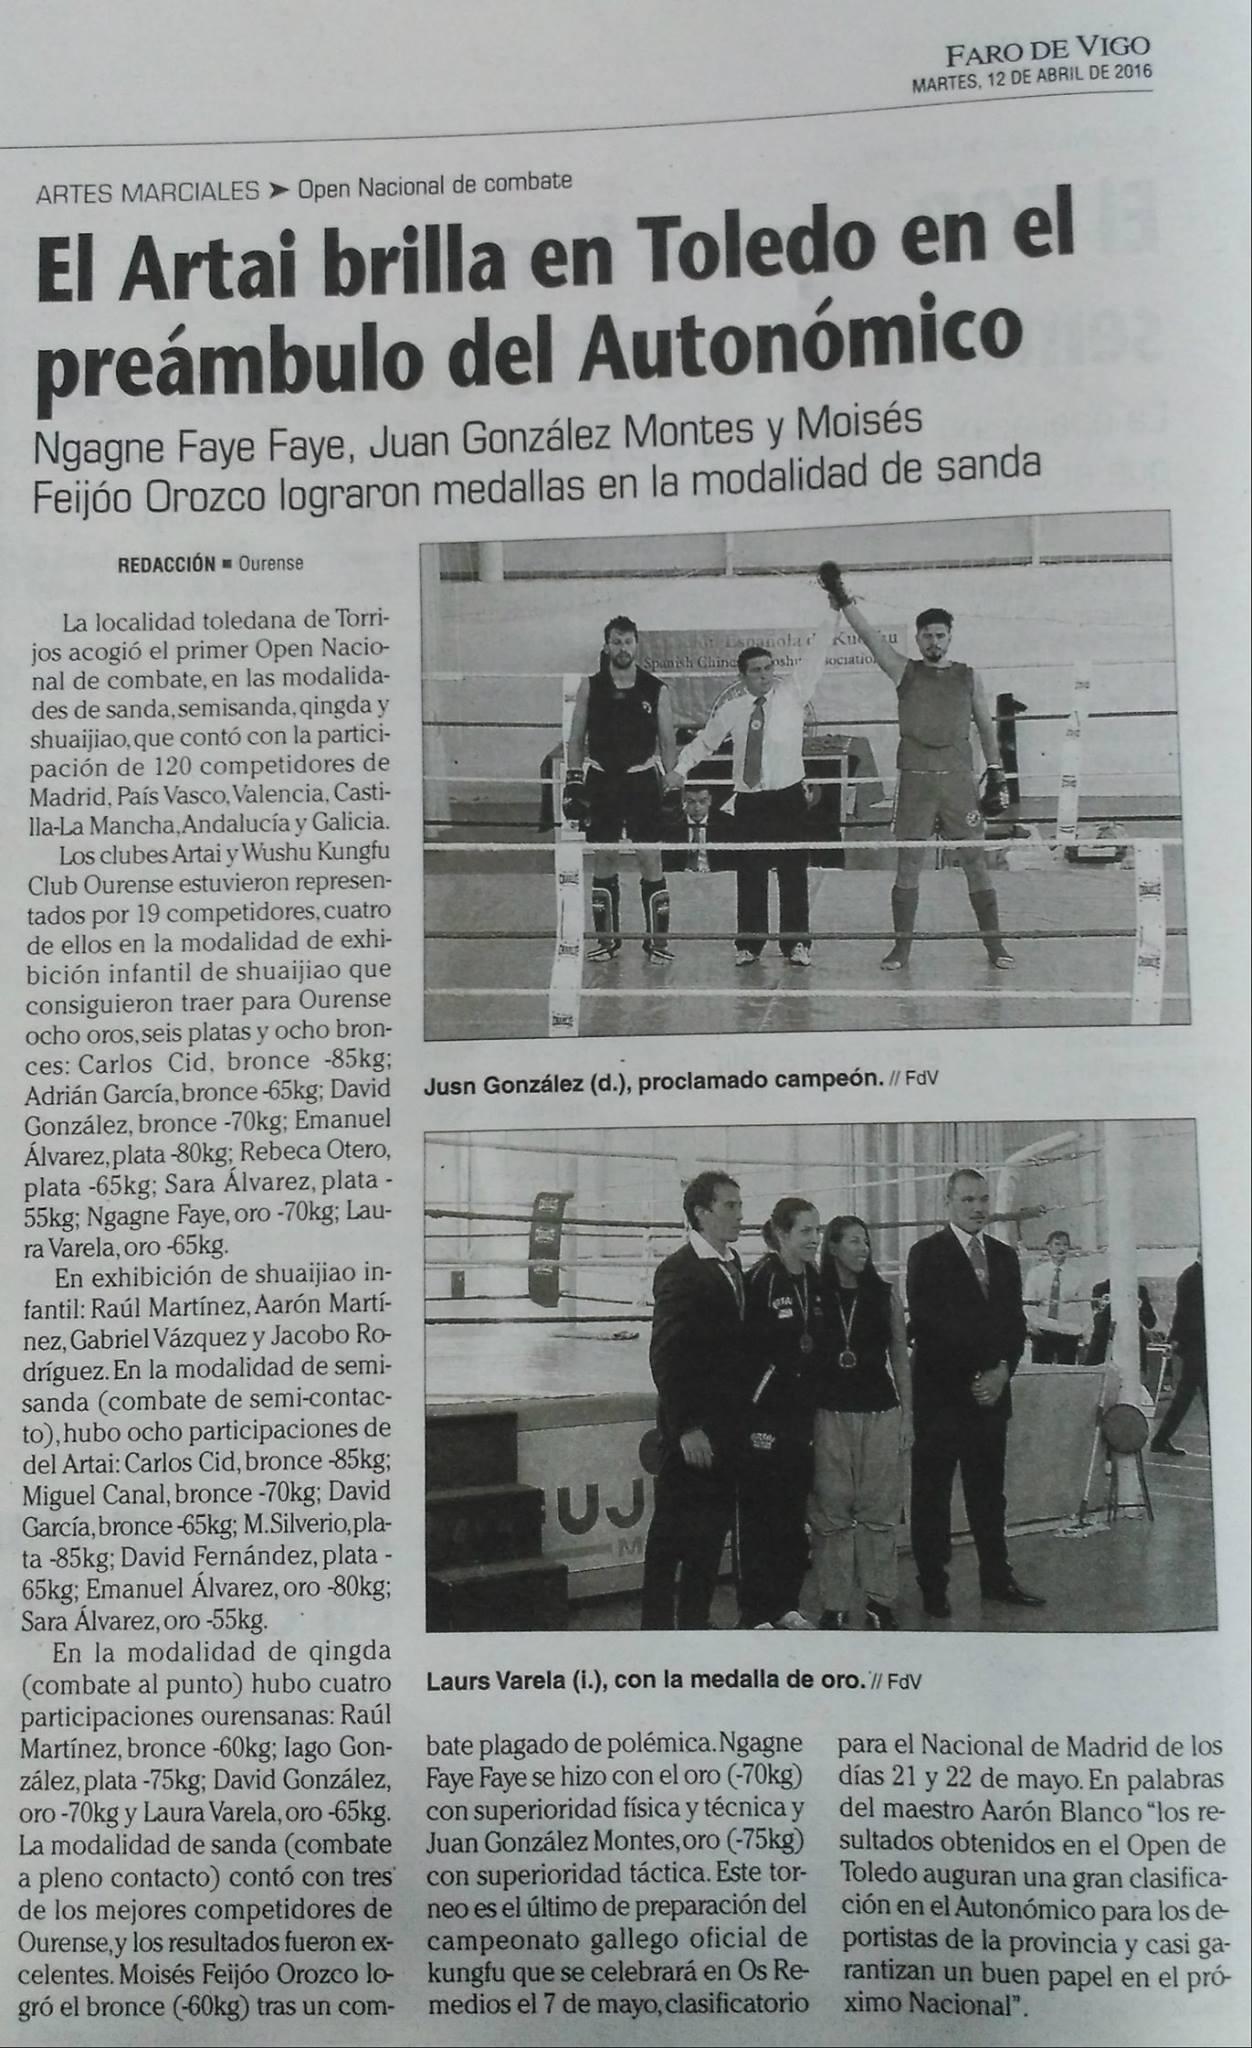 Faro de Vigo 12/04/2016